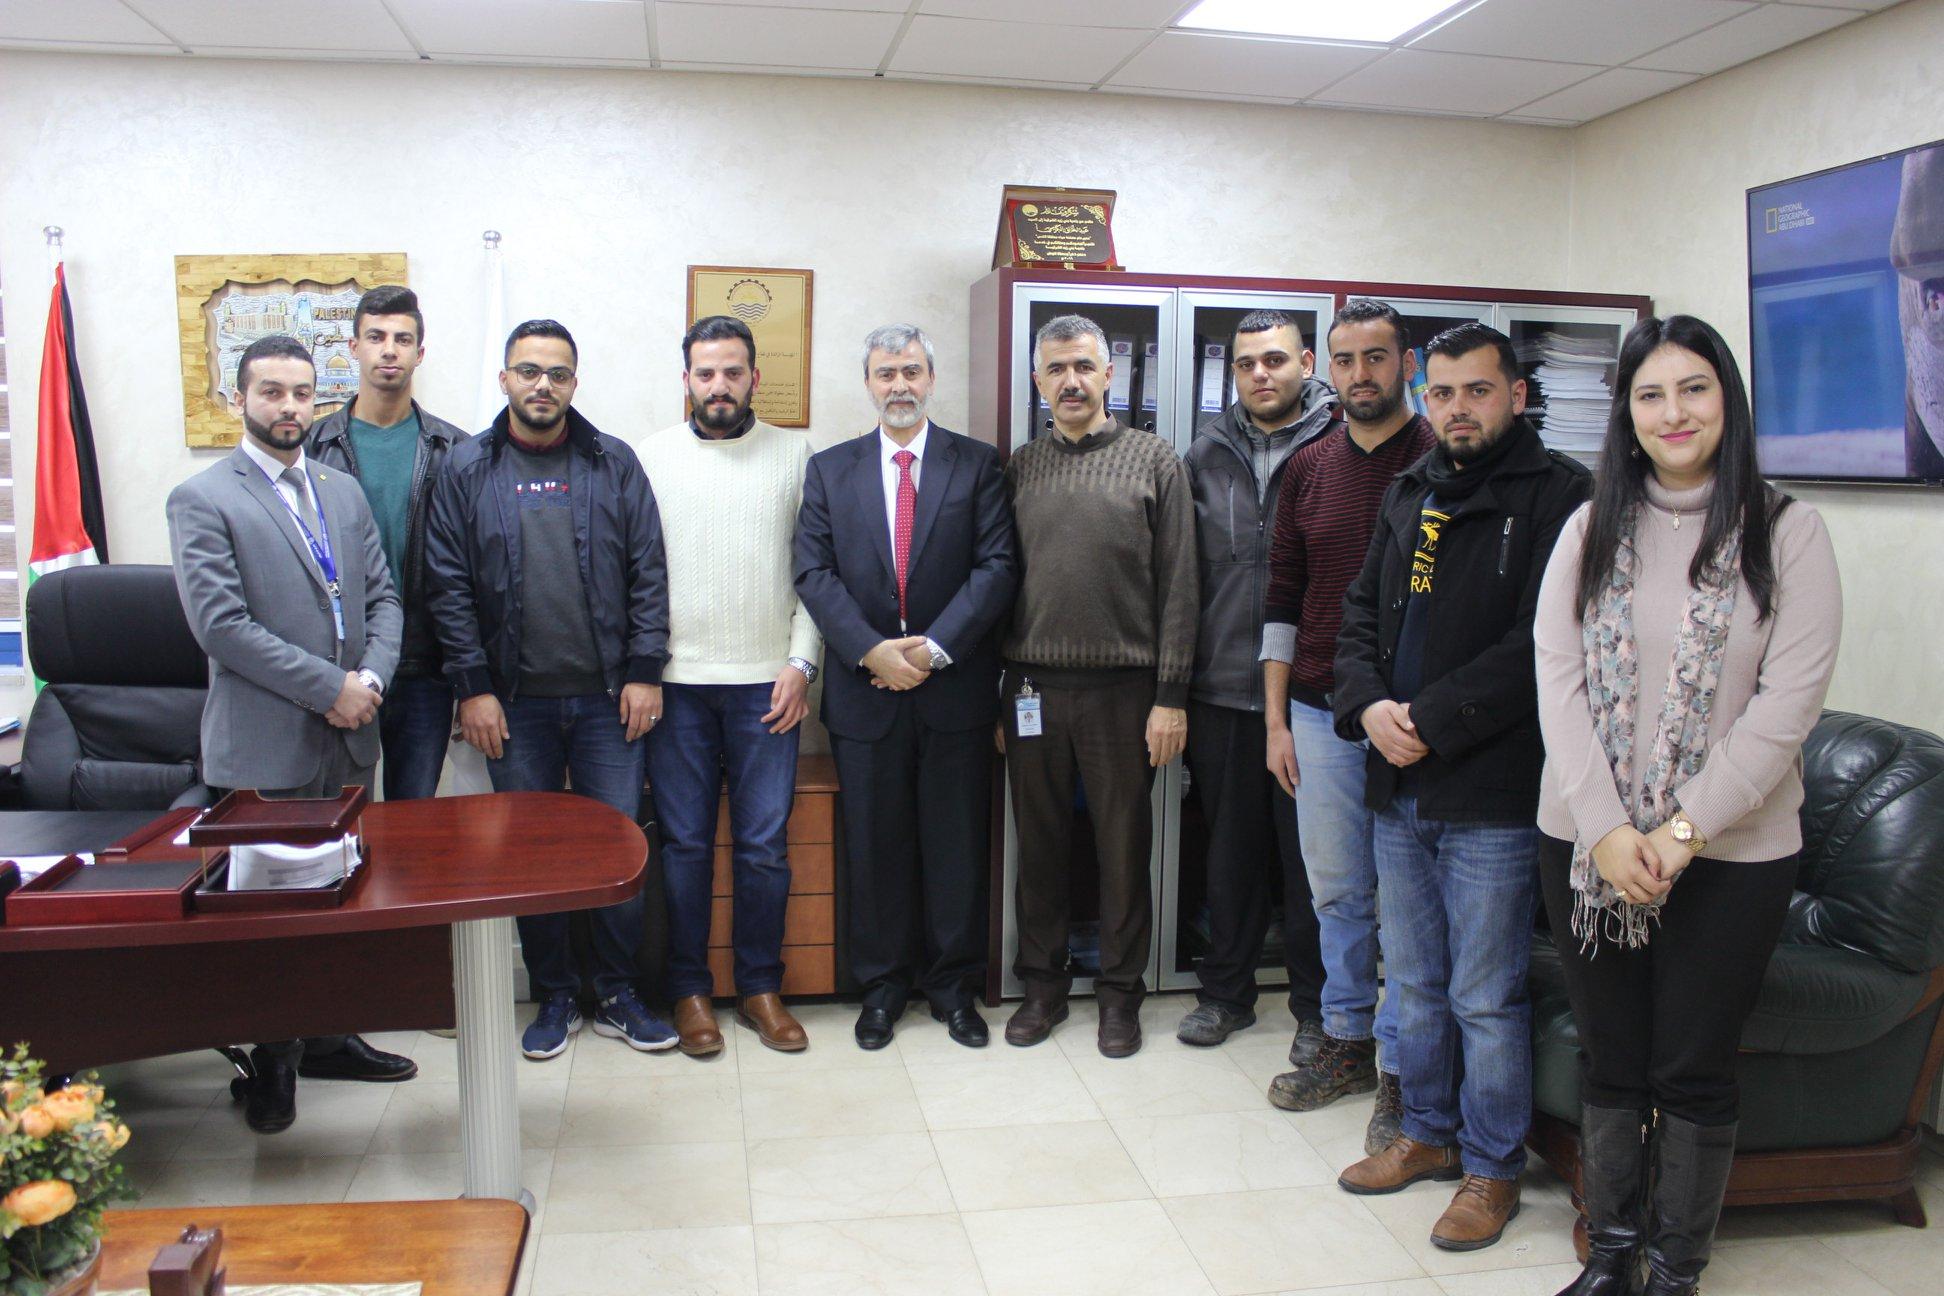 مدير عام مصلحة مياه محافظة القدس يستقبل مجموعة من الموظفين الجدد